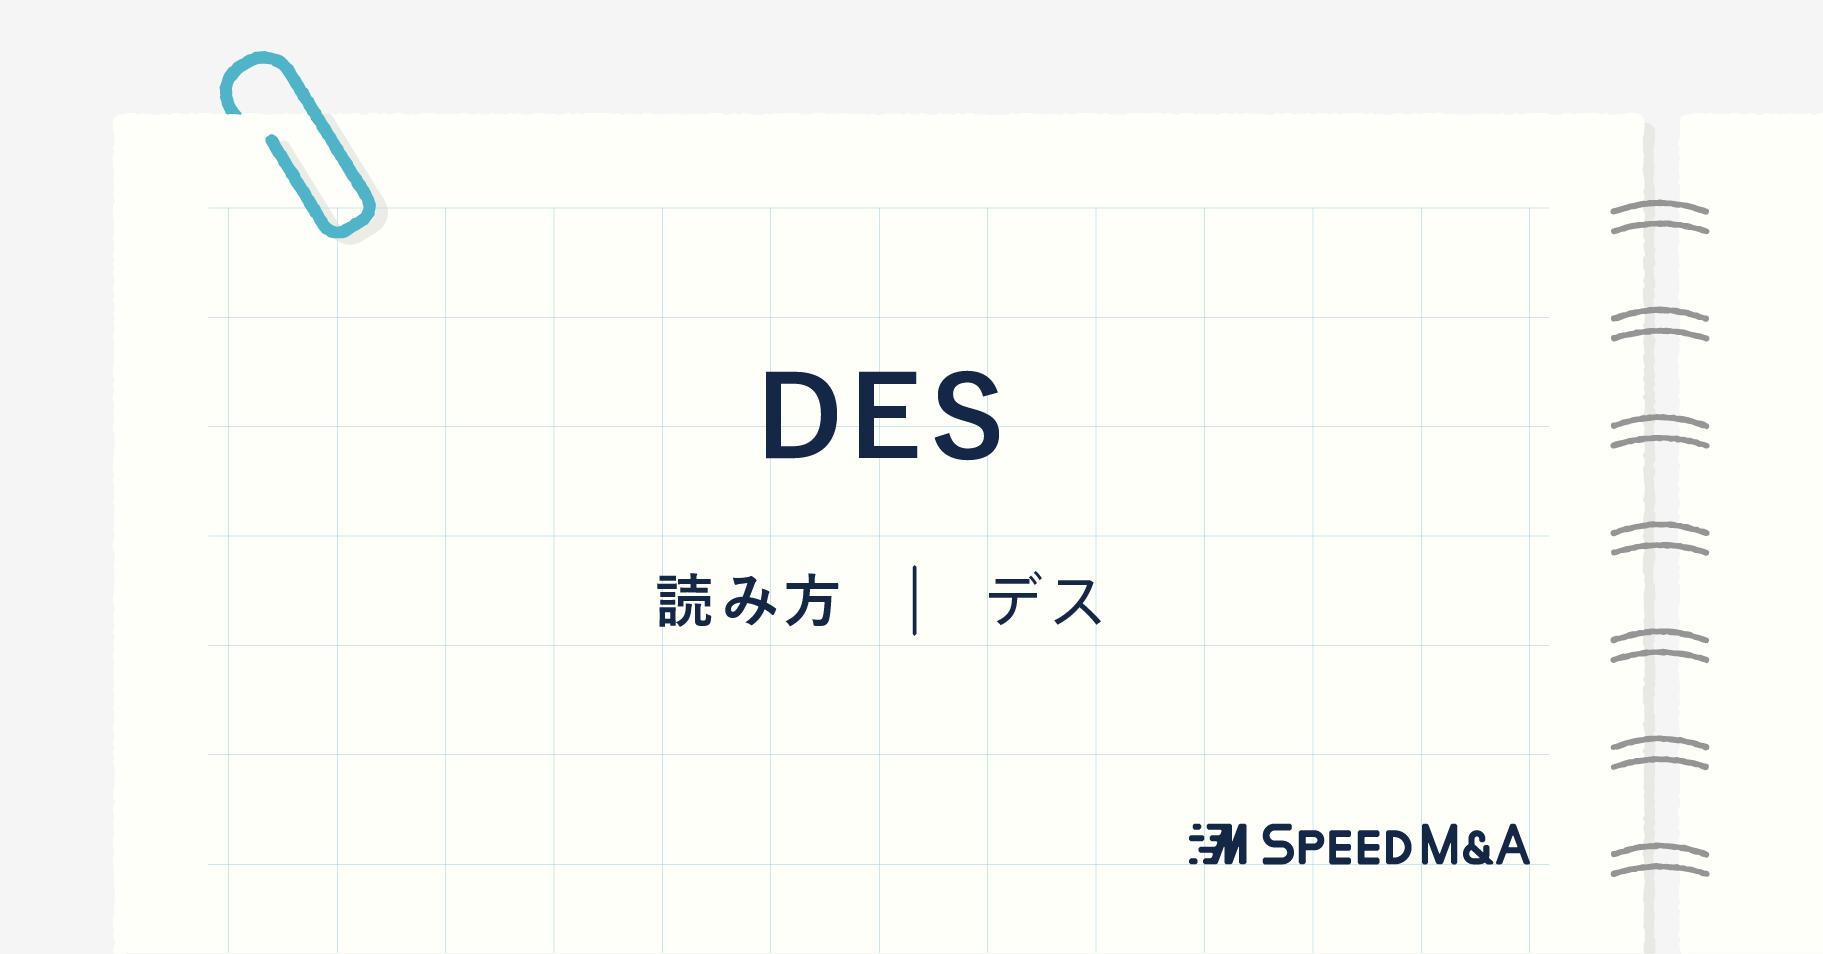 DESとは